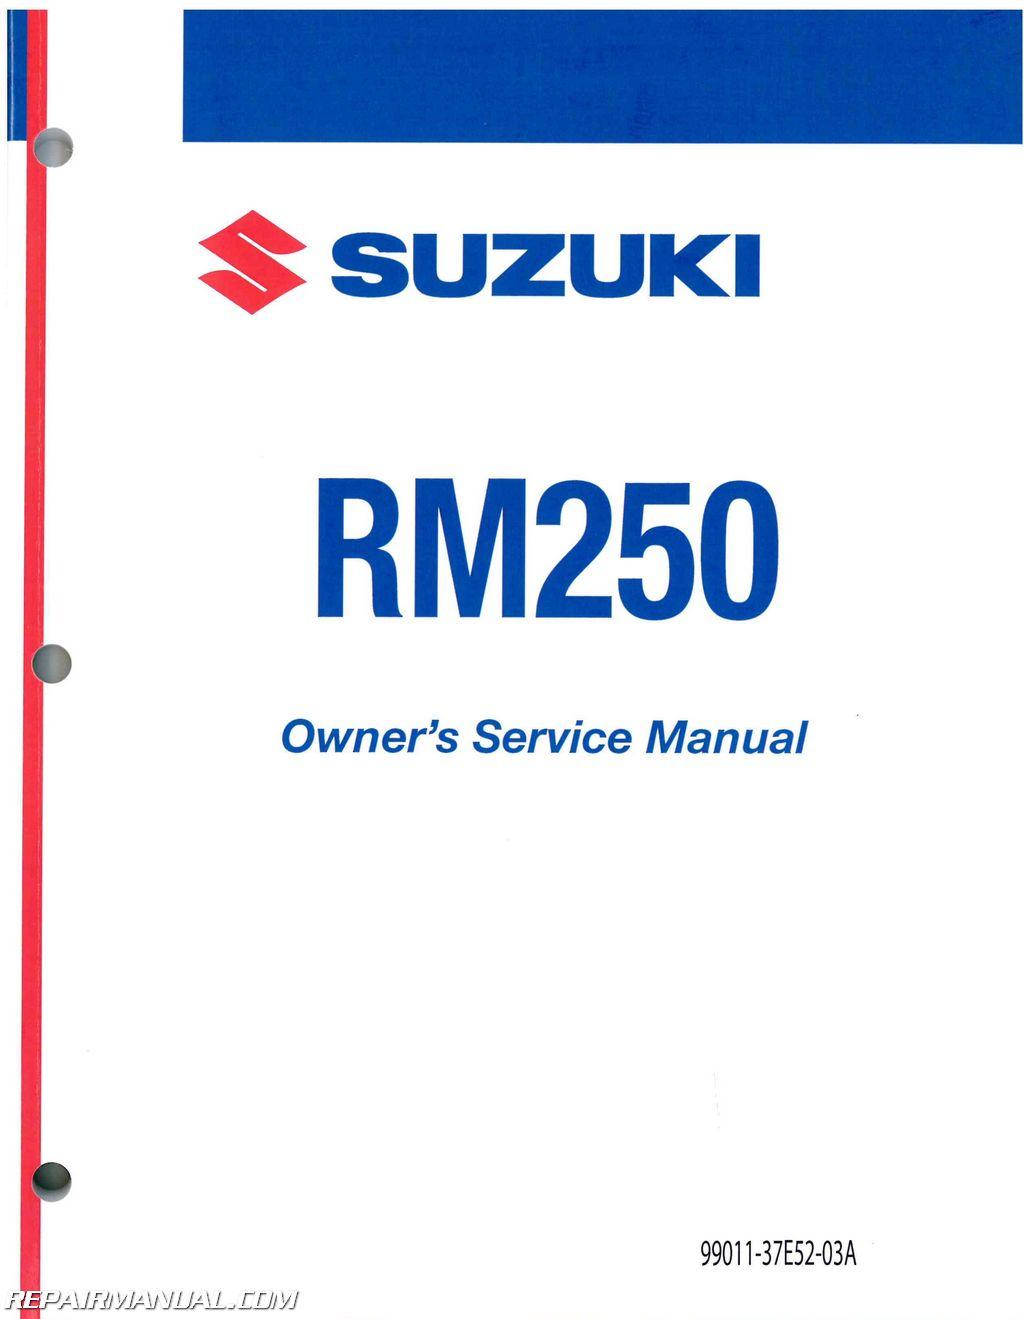 1995 Suzuki Rm 250 Wiring Diagram Page 2 And Vz800 Gt250 1983 1993